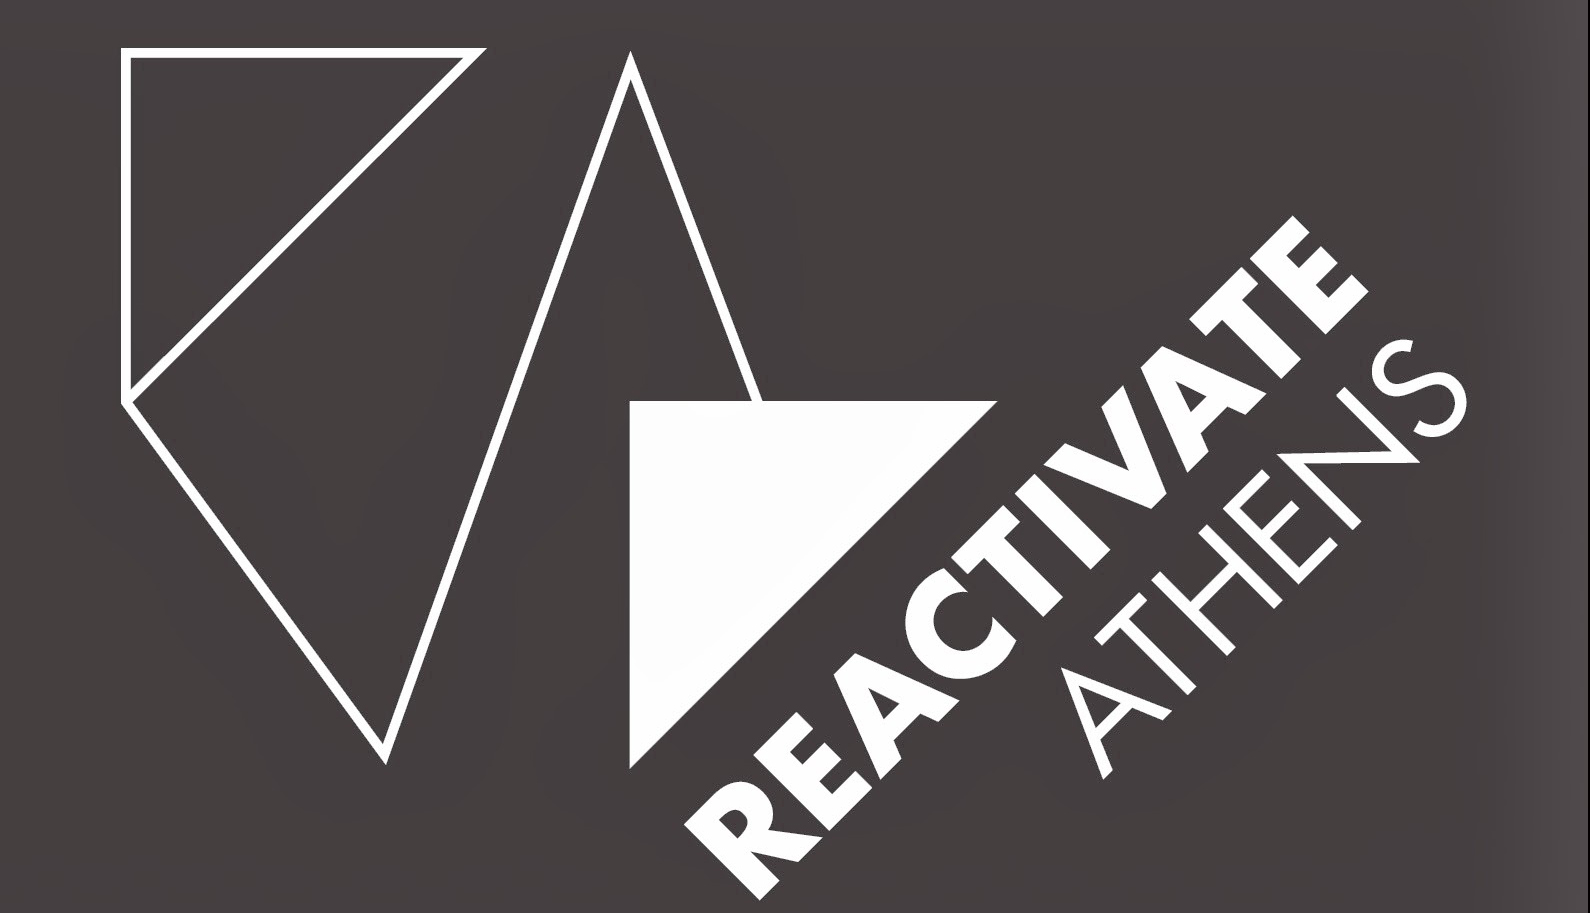 Δεύτερη εβδομάδα εκδηλώσεων για το Reactivate Athens /101 Ideas